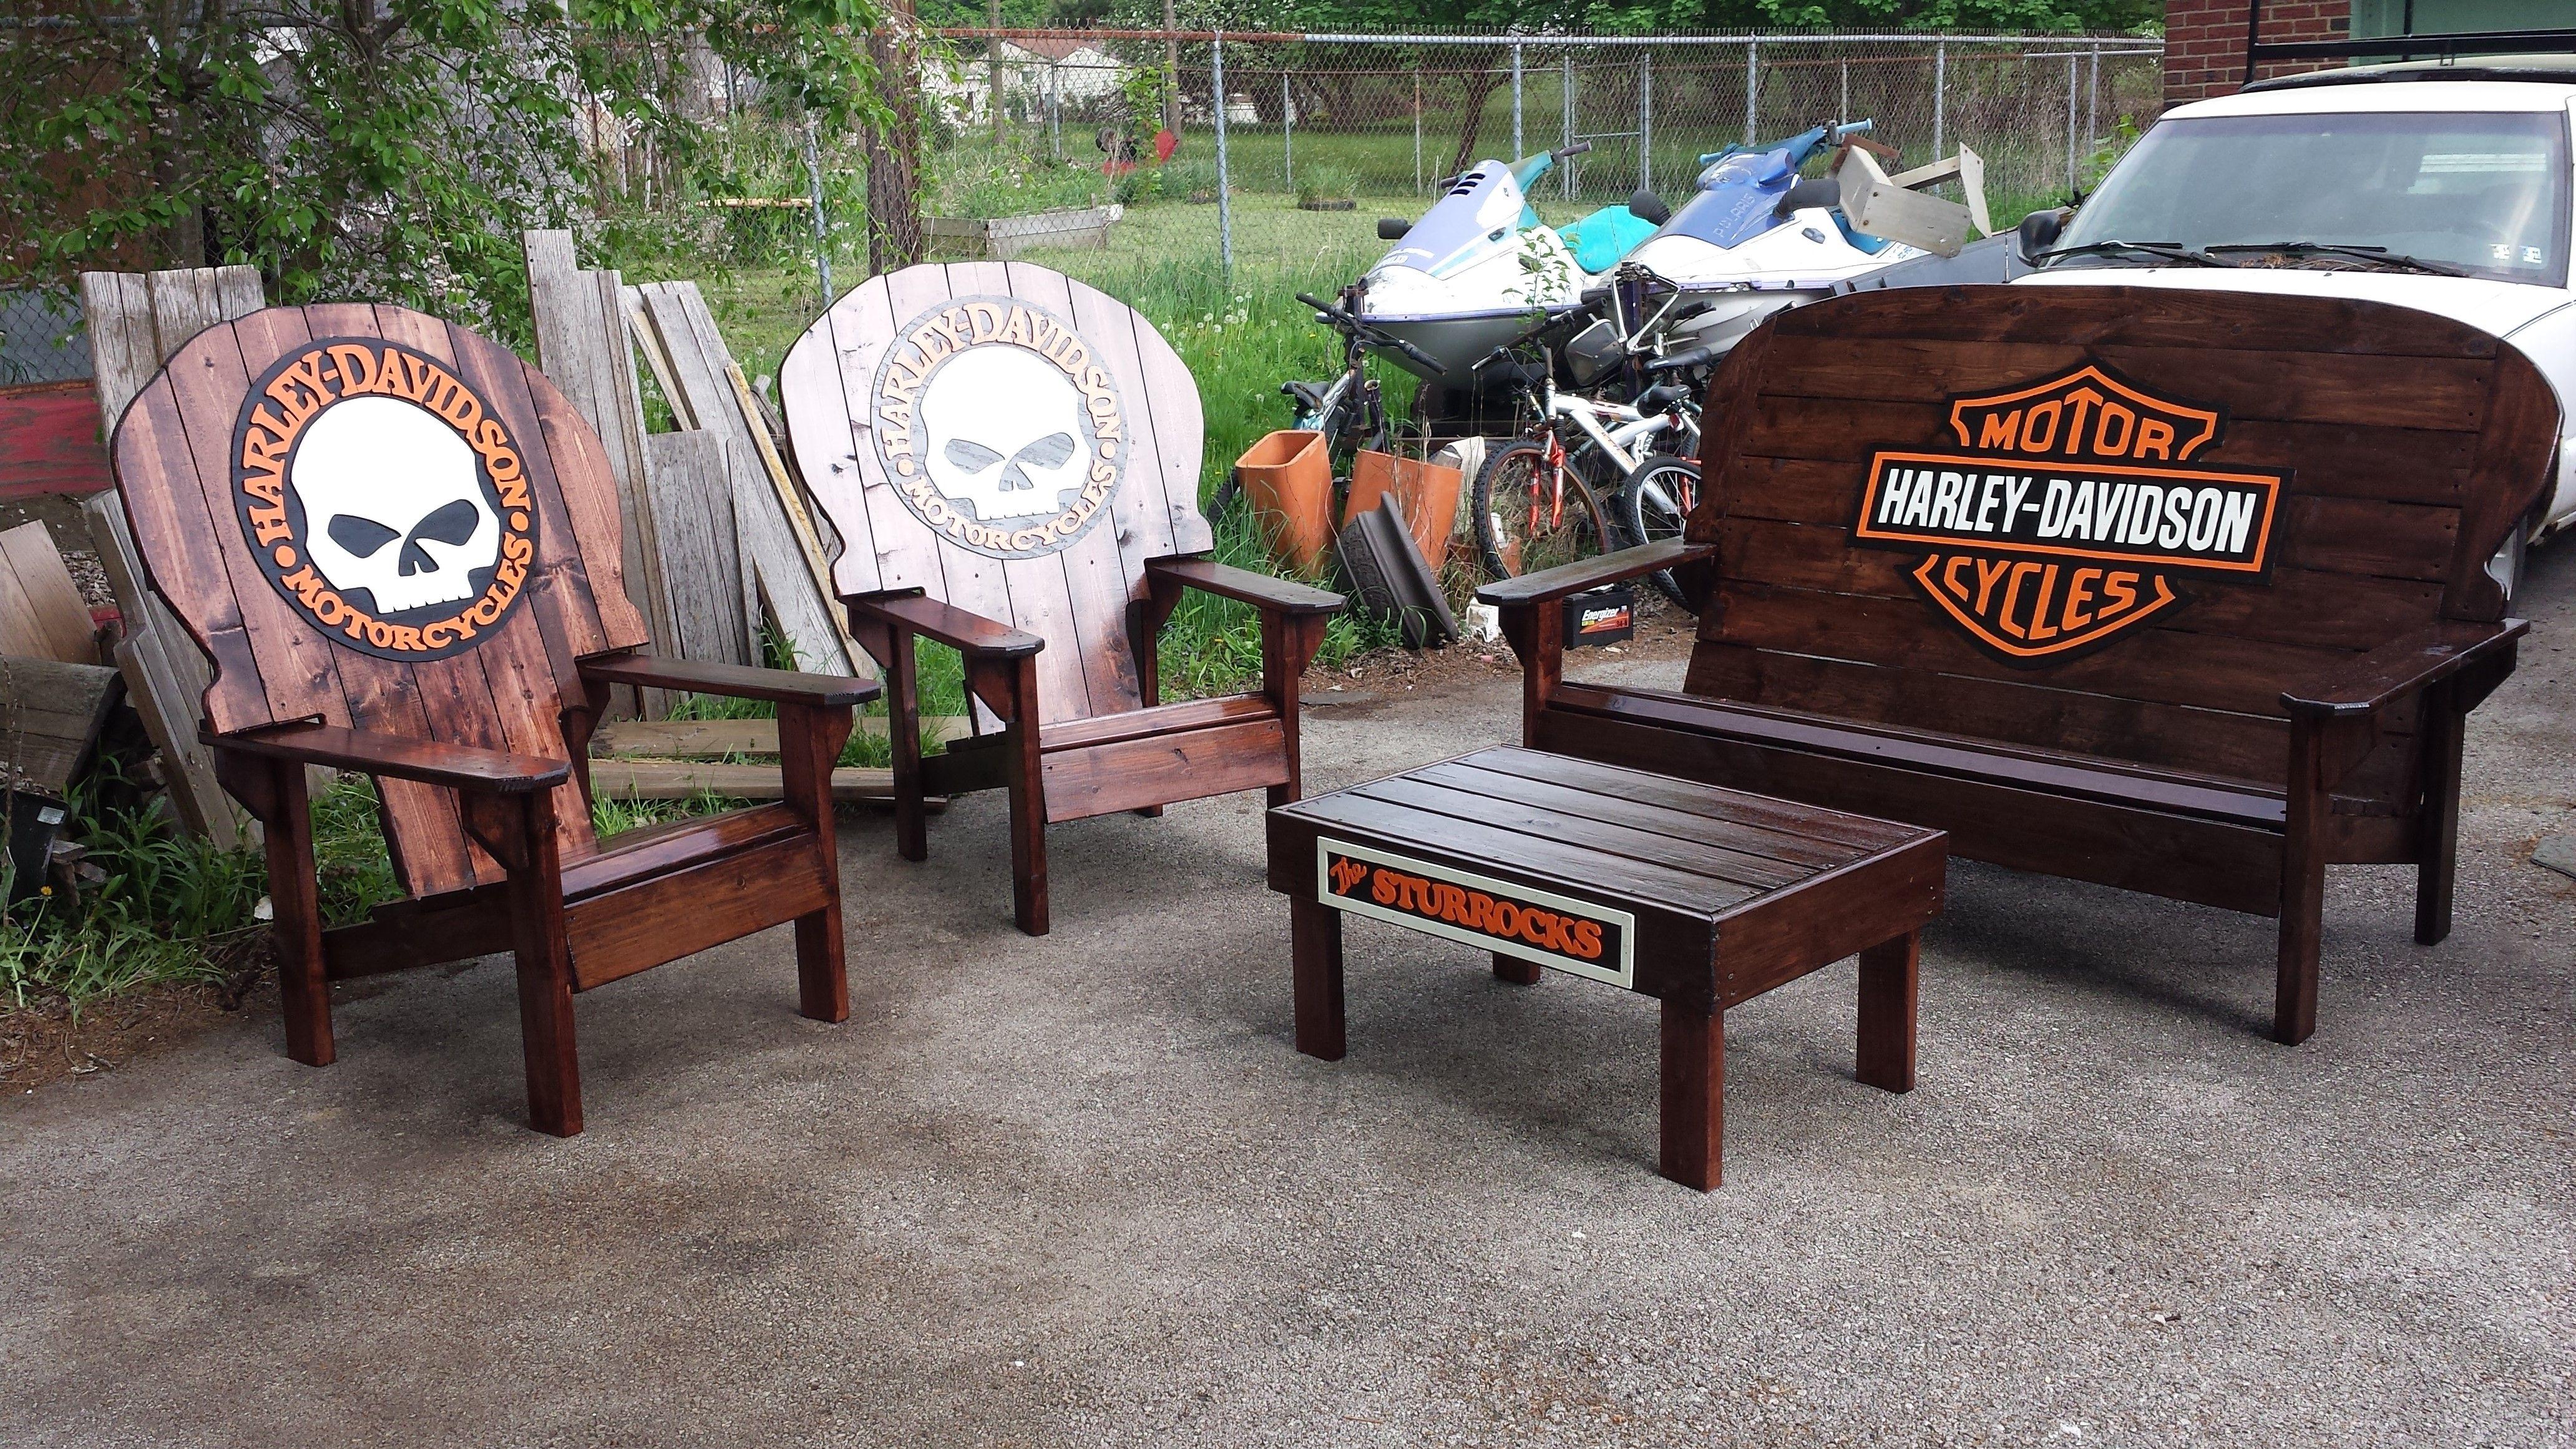 Astonishing Harley Davidson Chairs And Benches Harley Davidson Harley Uwap Interior Chair Design Uwaporg